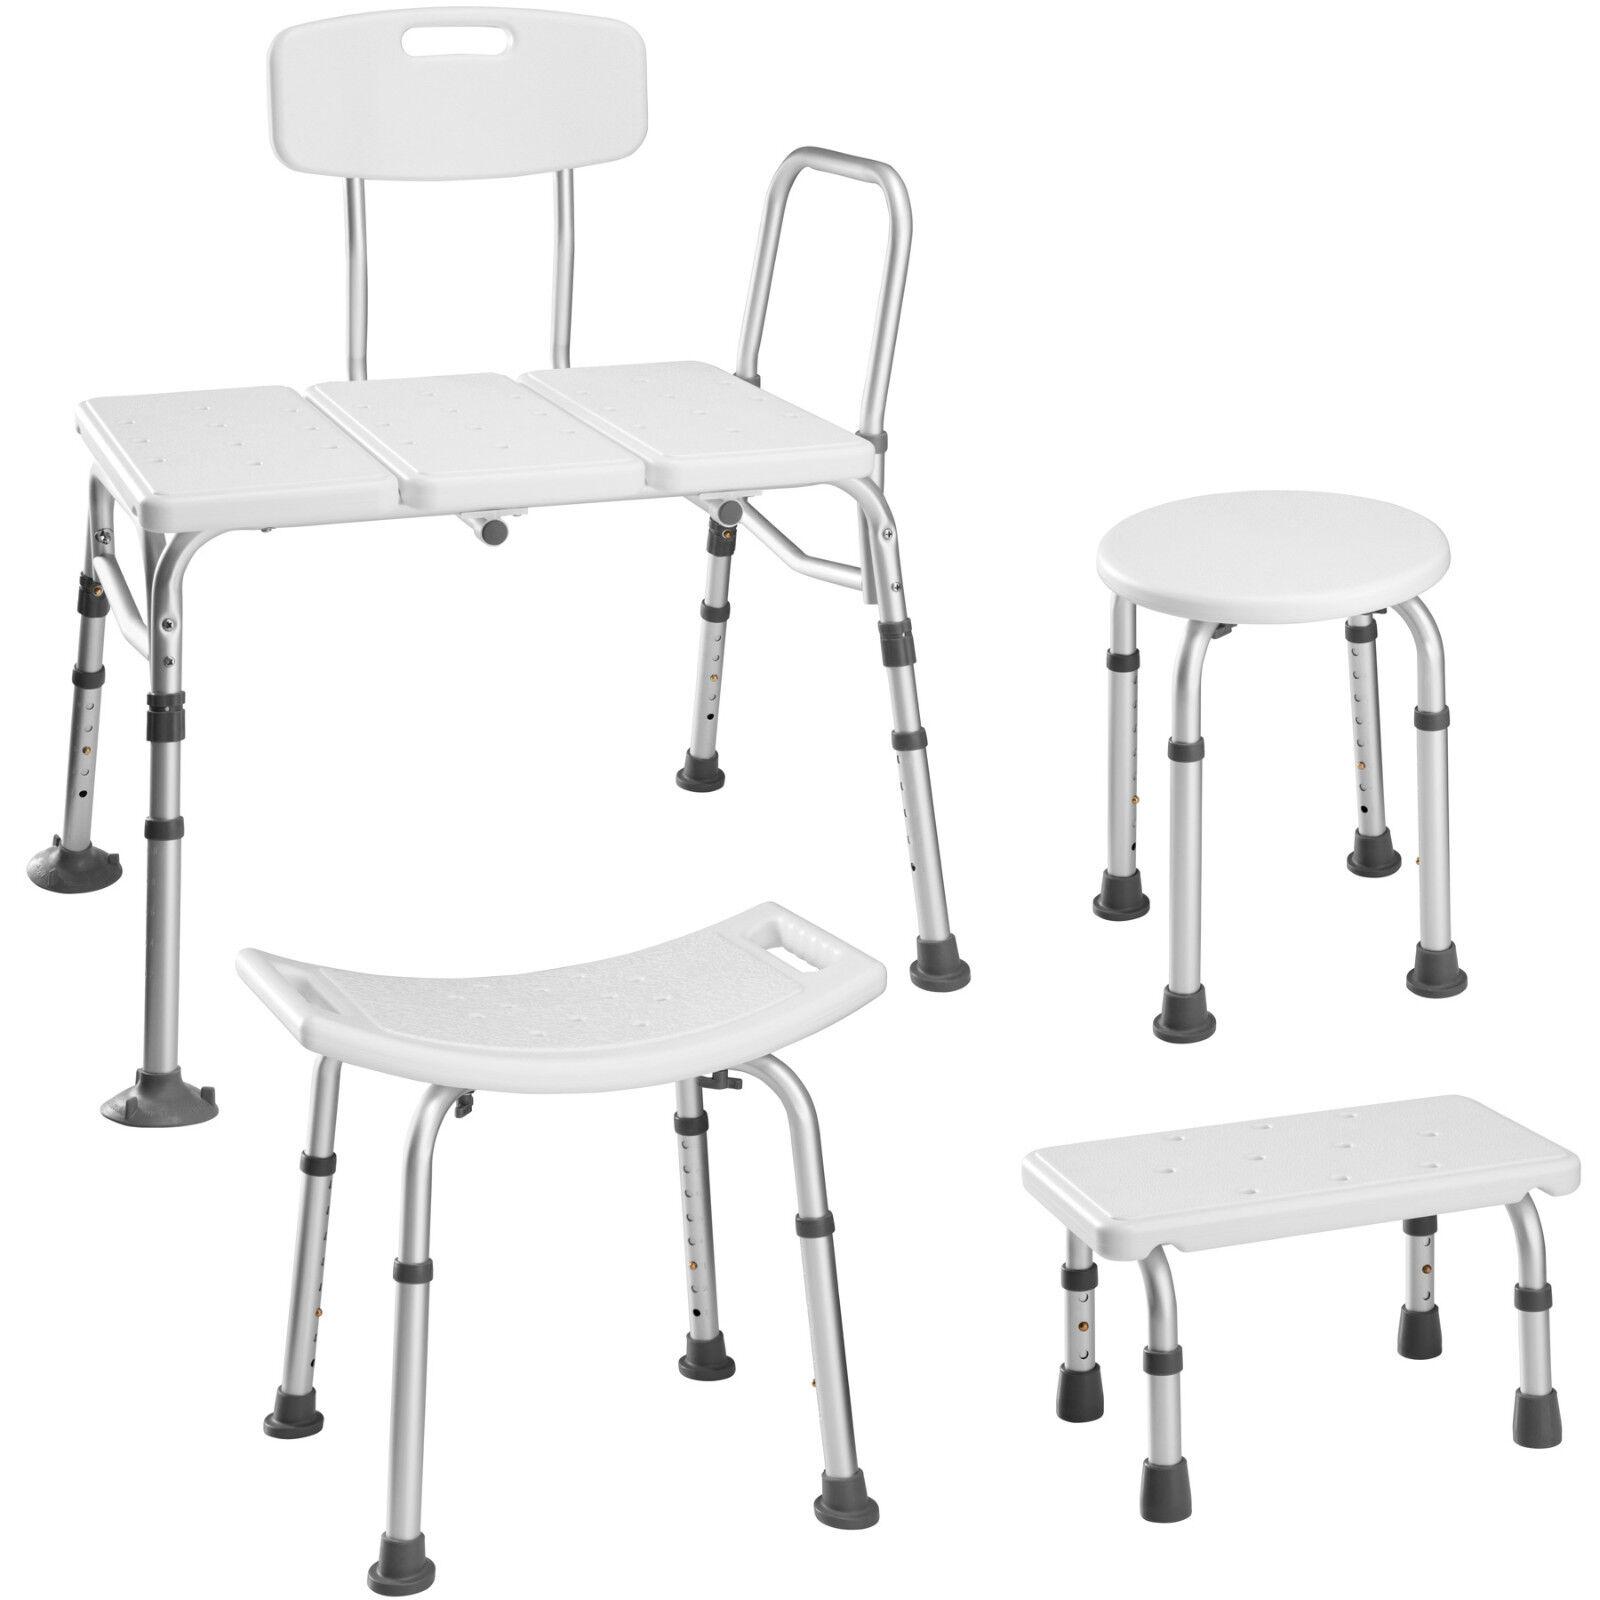 Sgabello per doccia sedia per doccia predellino per vasca altezza regolabile alu